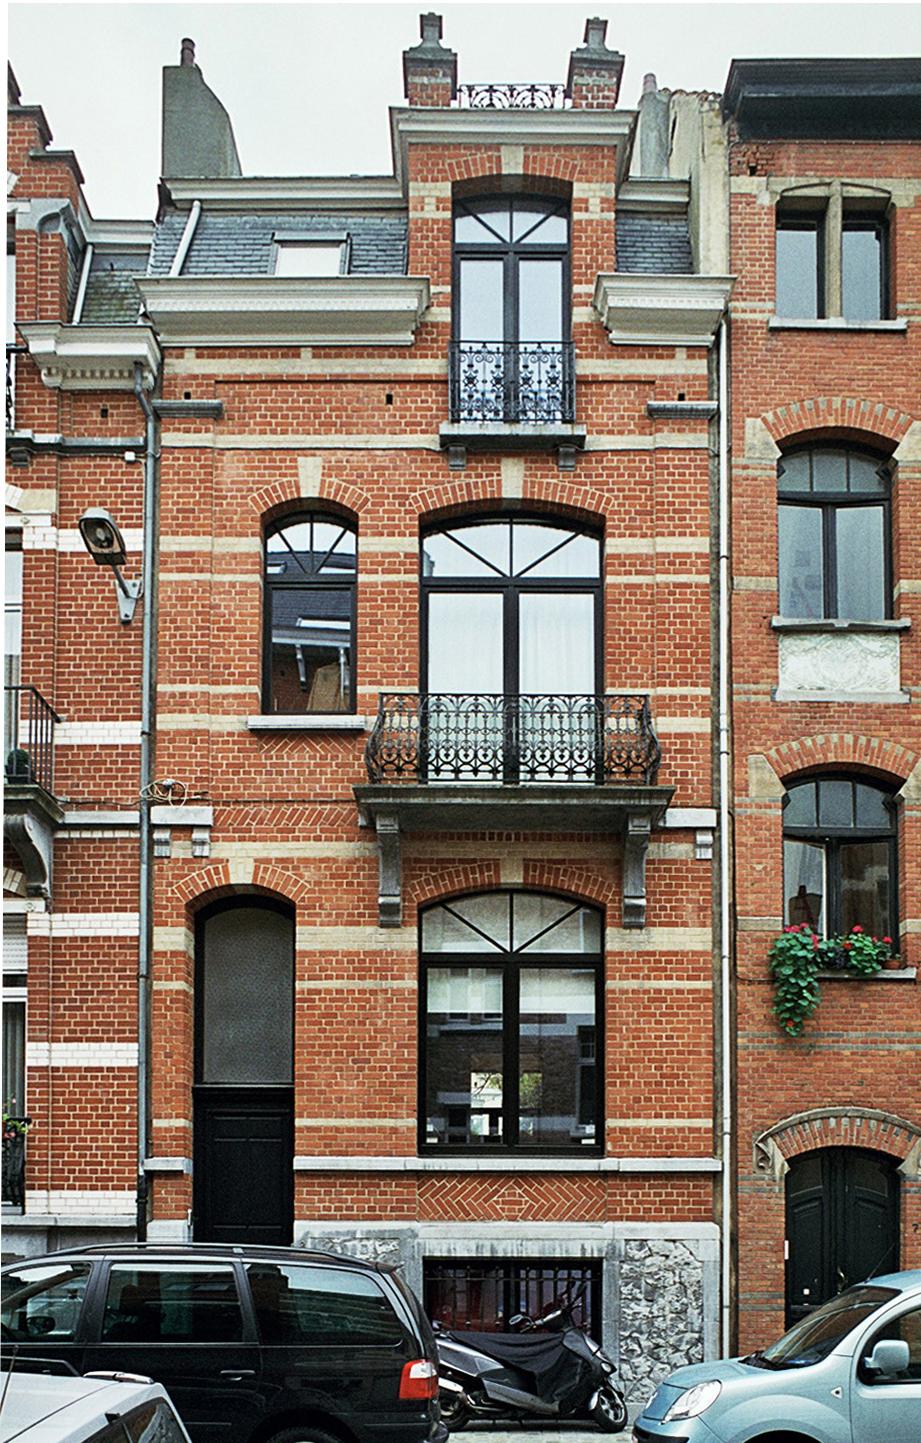 Rue Wappers 9., 2009